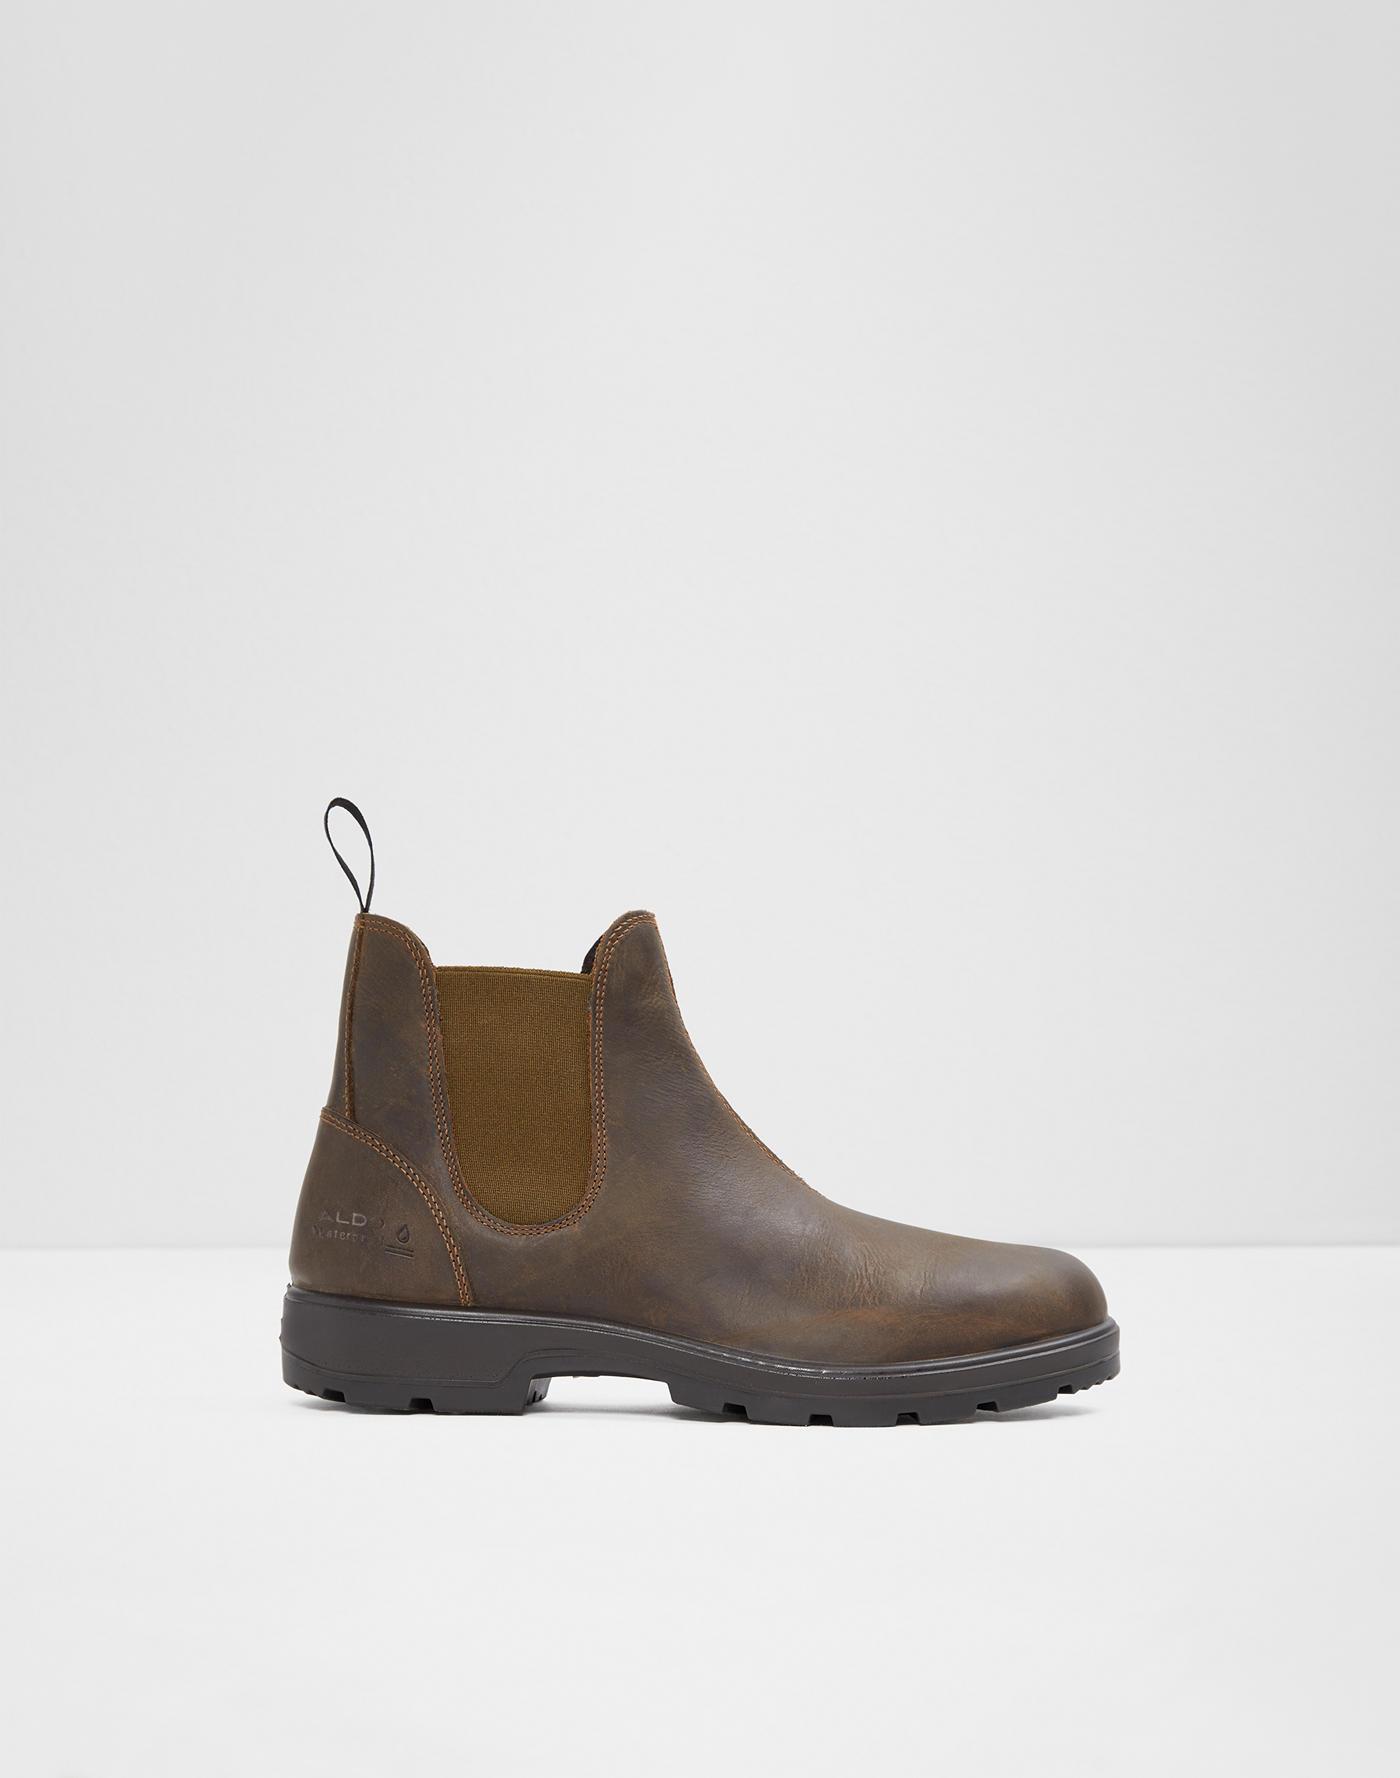 0763b00b101 Clearance Men's Shoes & Bags | ALDO US | Aldoshoes.com US